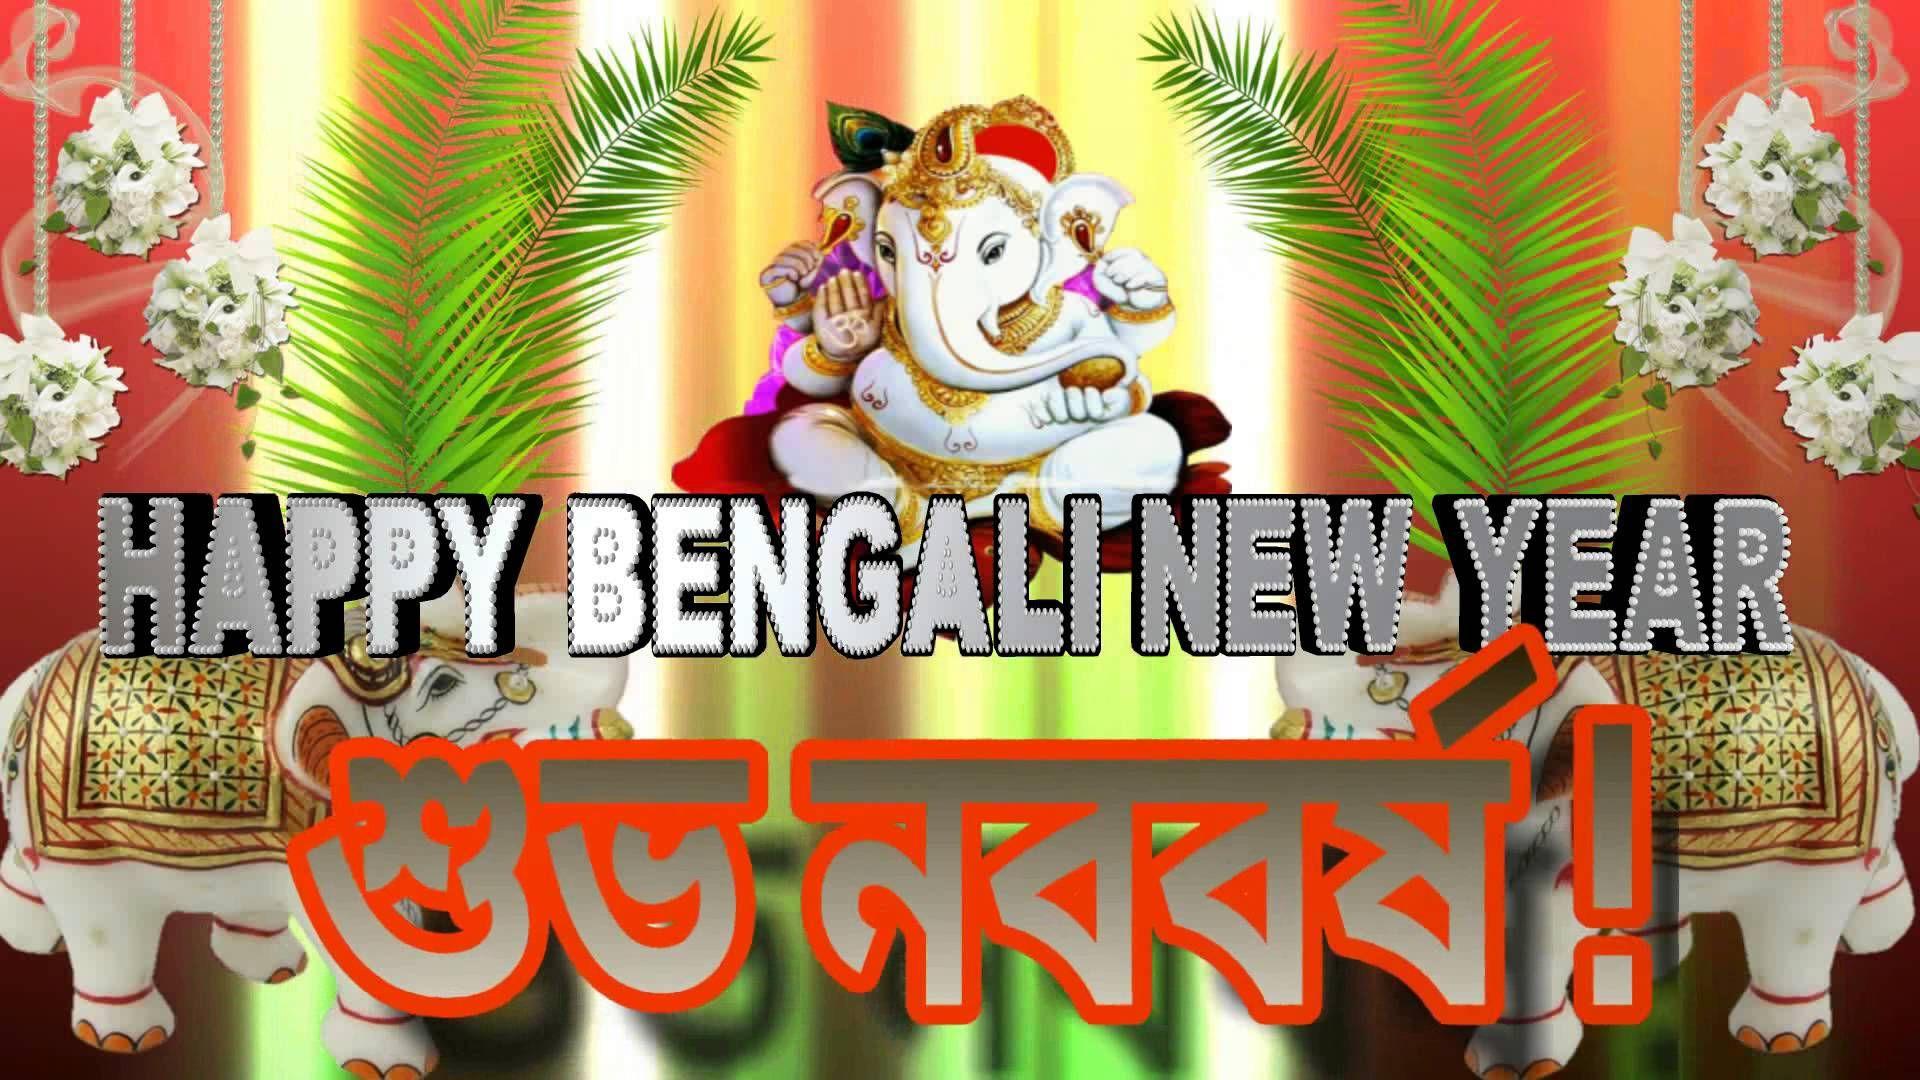 Happy Bengali New Year 2016 Poila Baisakh Greetings Poila Baisakh Anim New Year Gif Happy Bengali New Year Bengali New Year